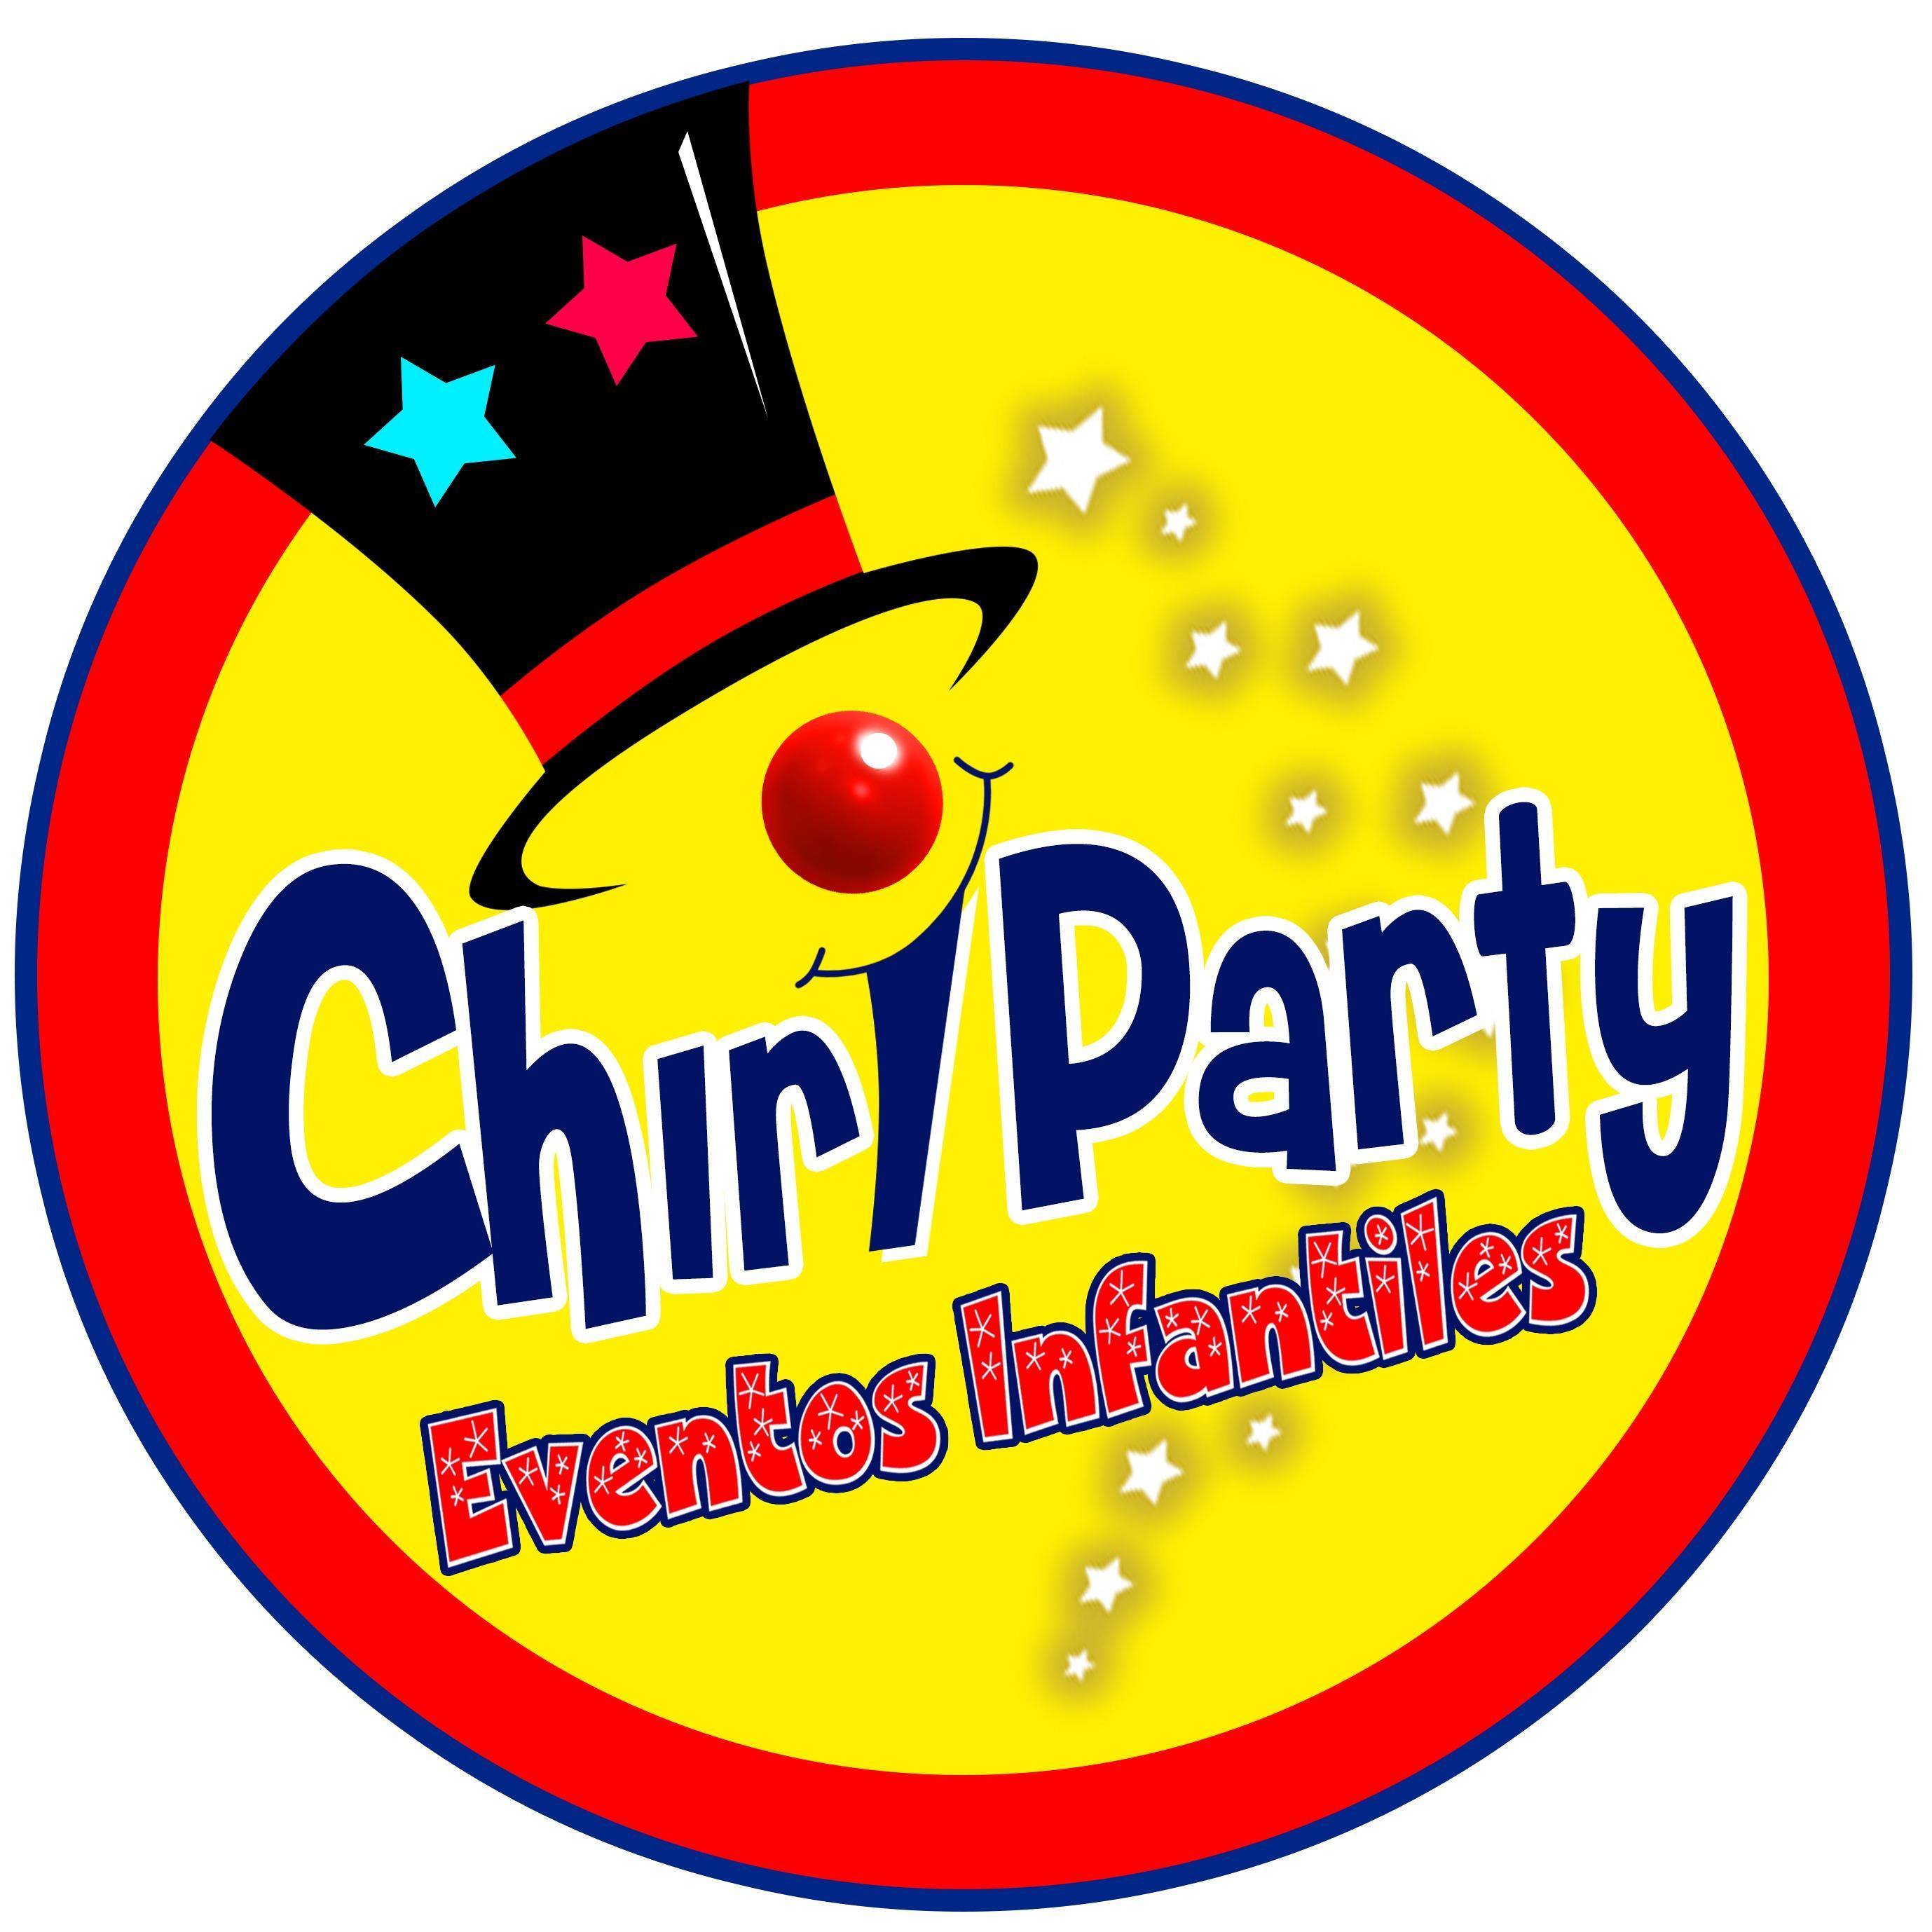 Chiriparty